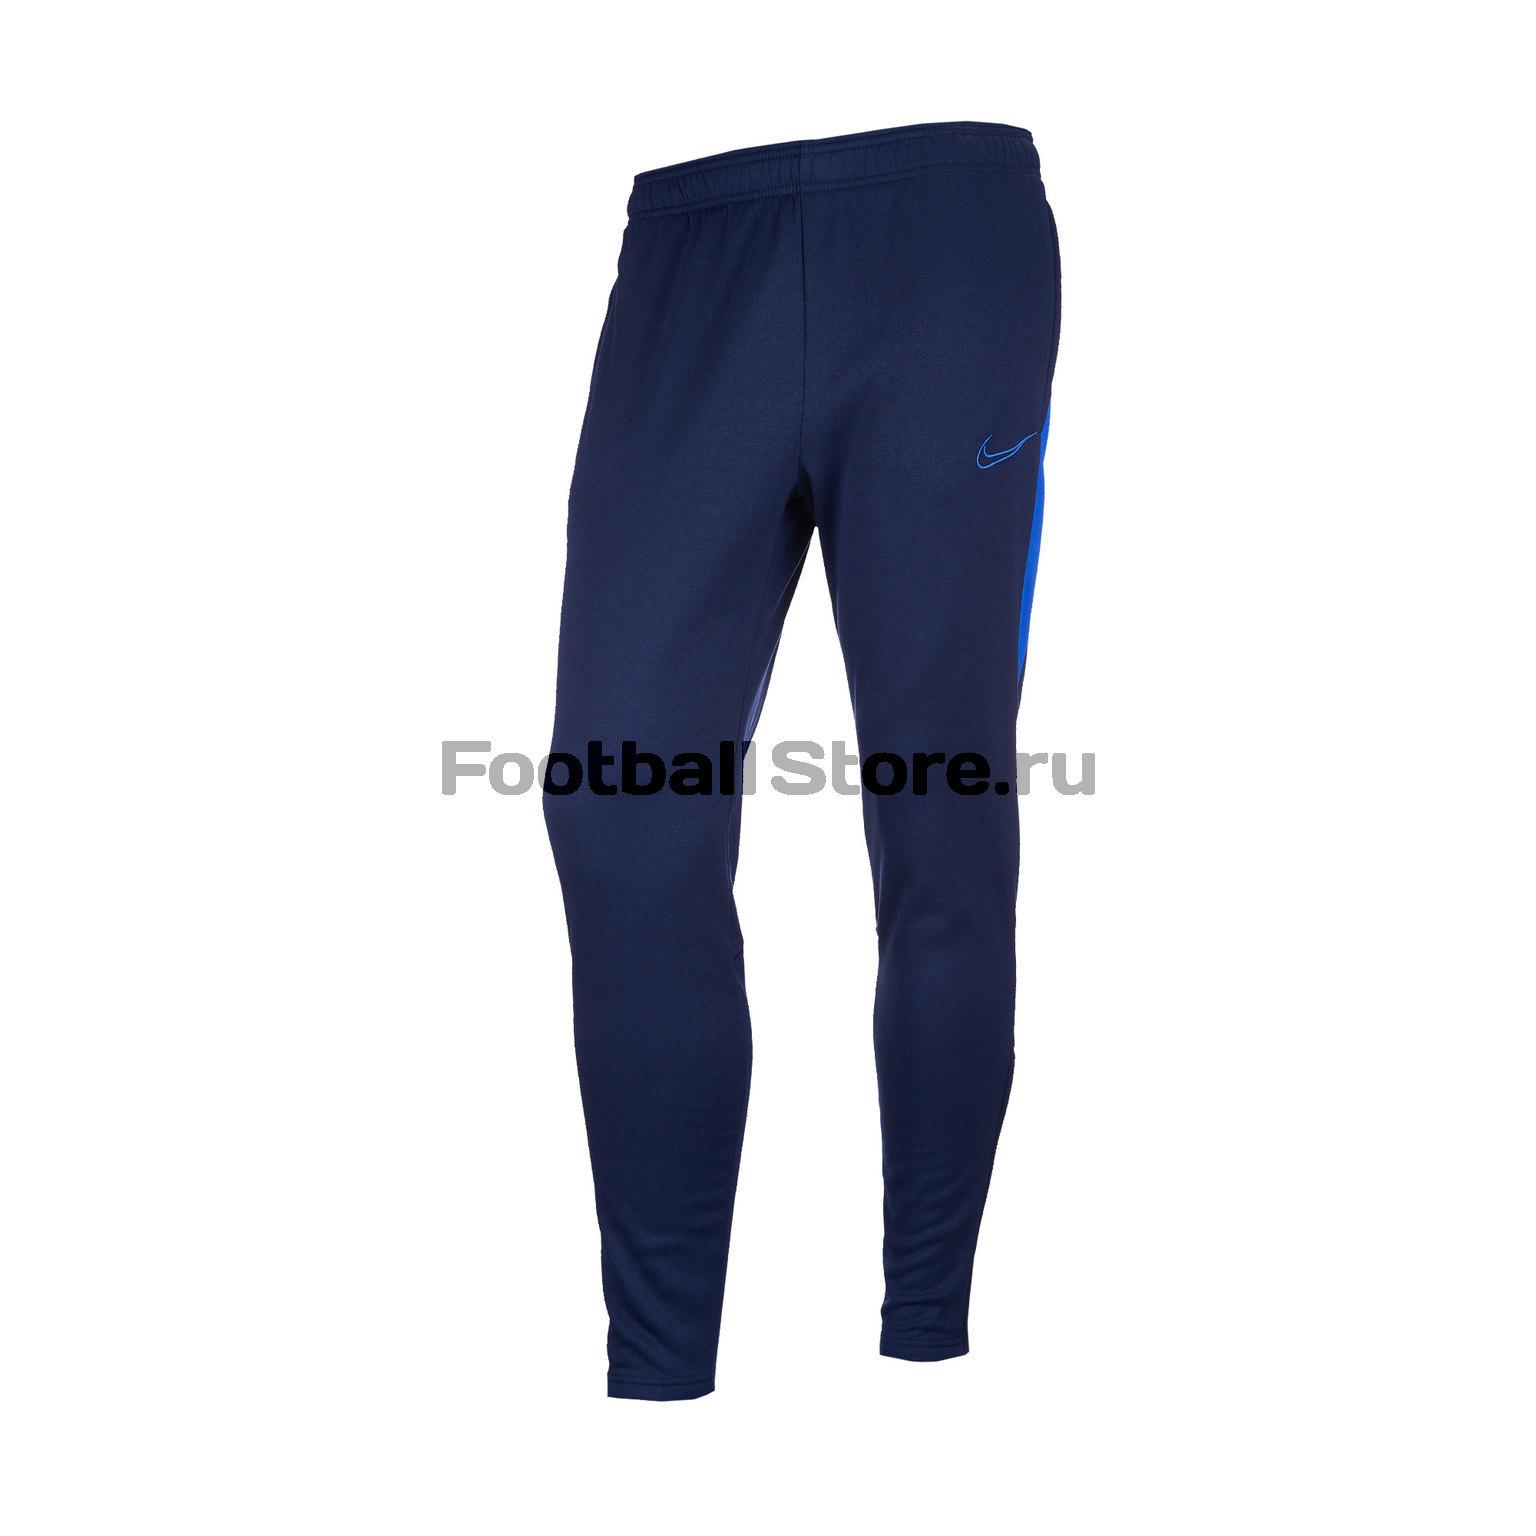 Брюки тренировочные Nike Therma Academy AJ9727-451 брюки тренировочные подростковые nike squad 832390 451